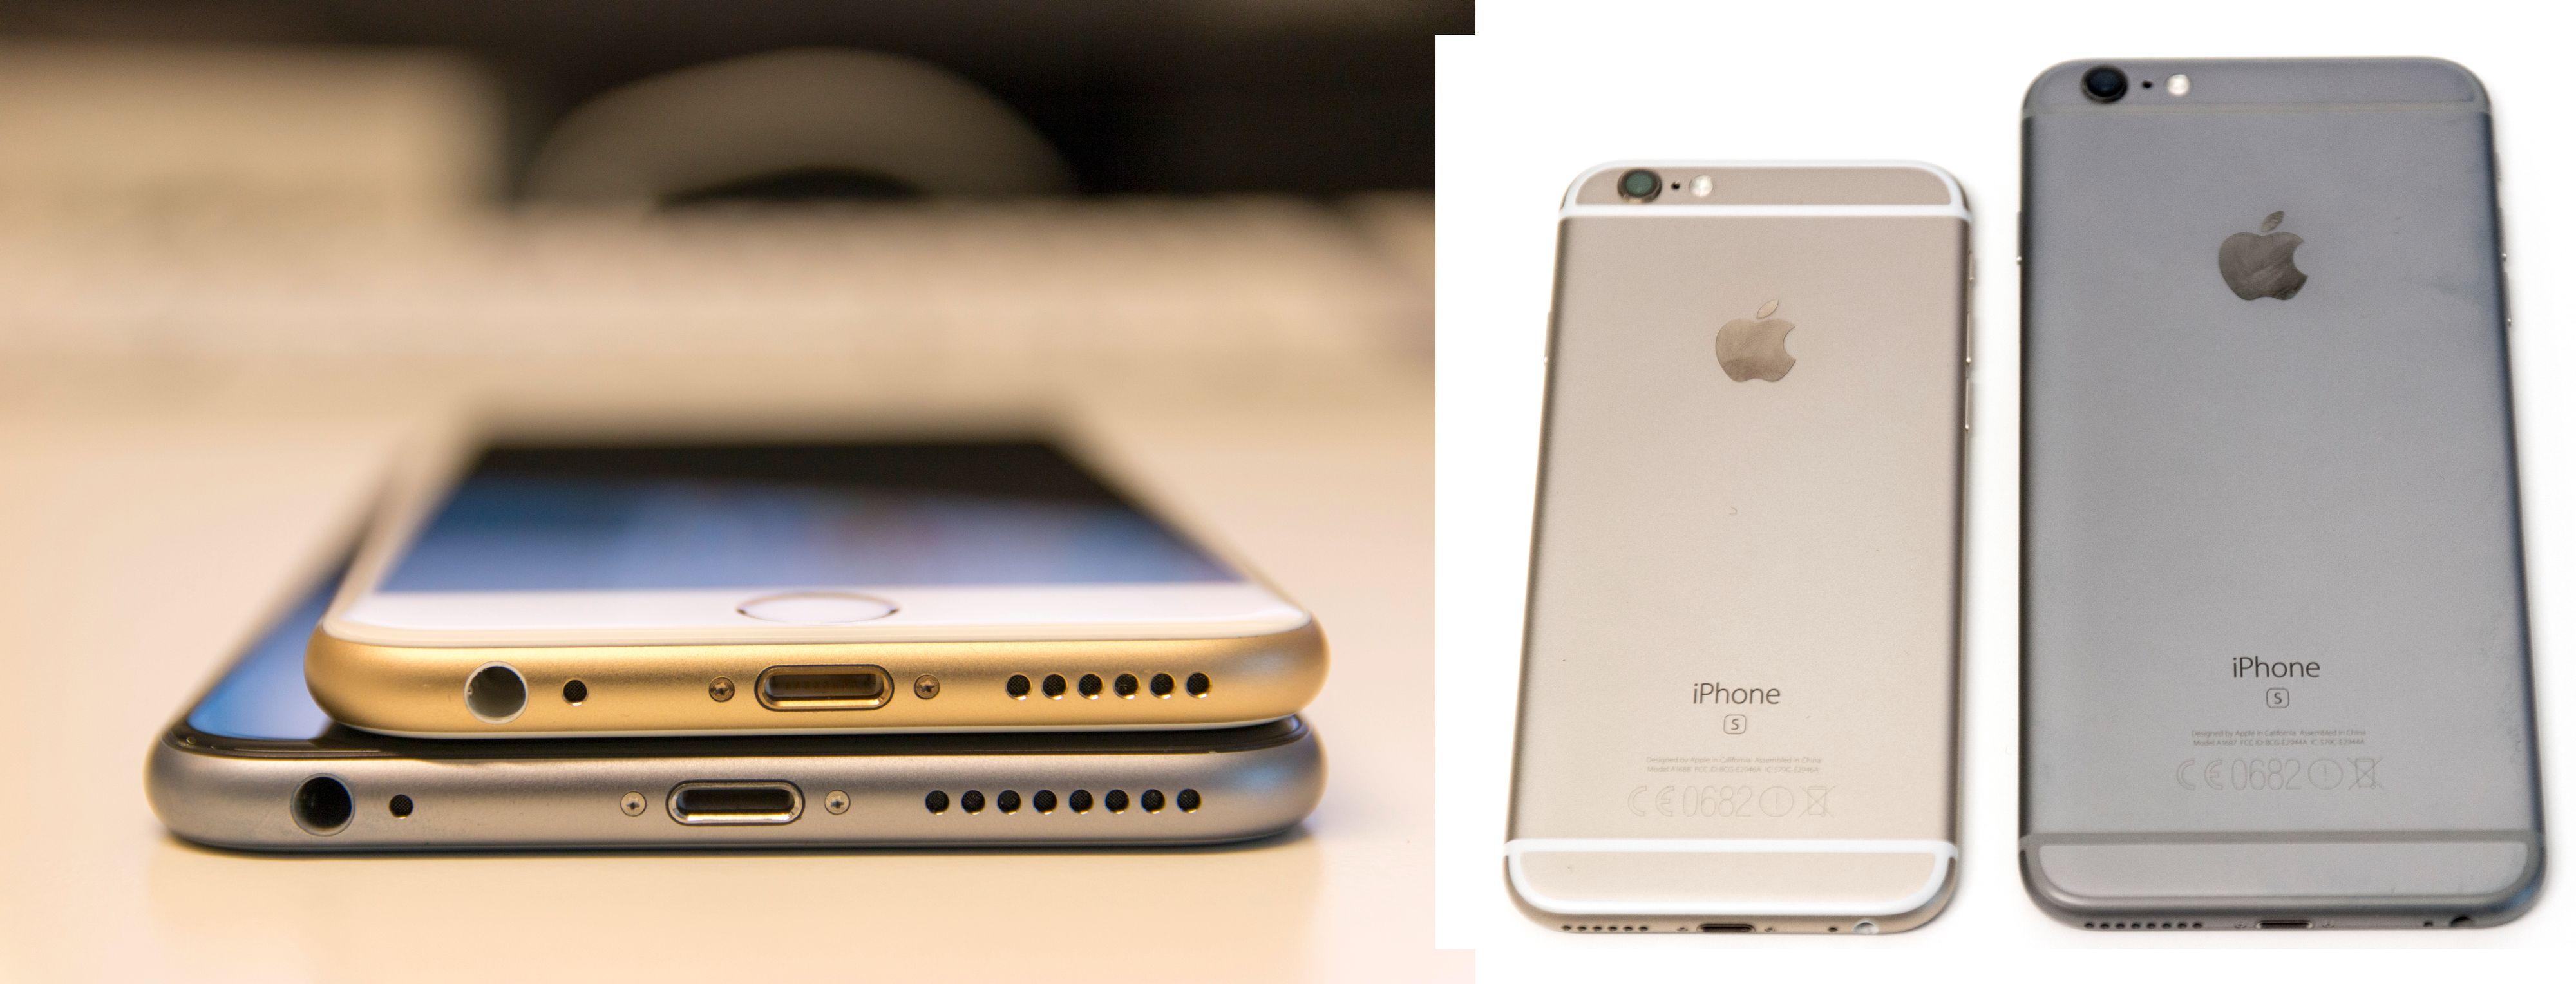 iPhone 6S Plus og den vanlige iPhone 6S. Plus-modellen er vesentlig større. Foto: Niklas Plikk, Tek.no